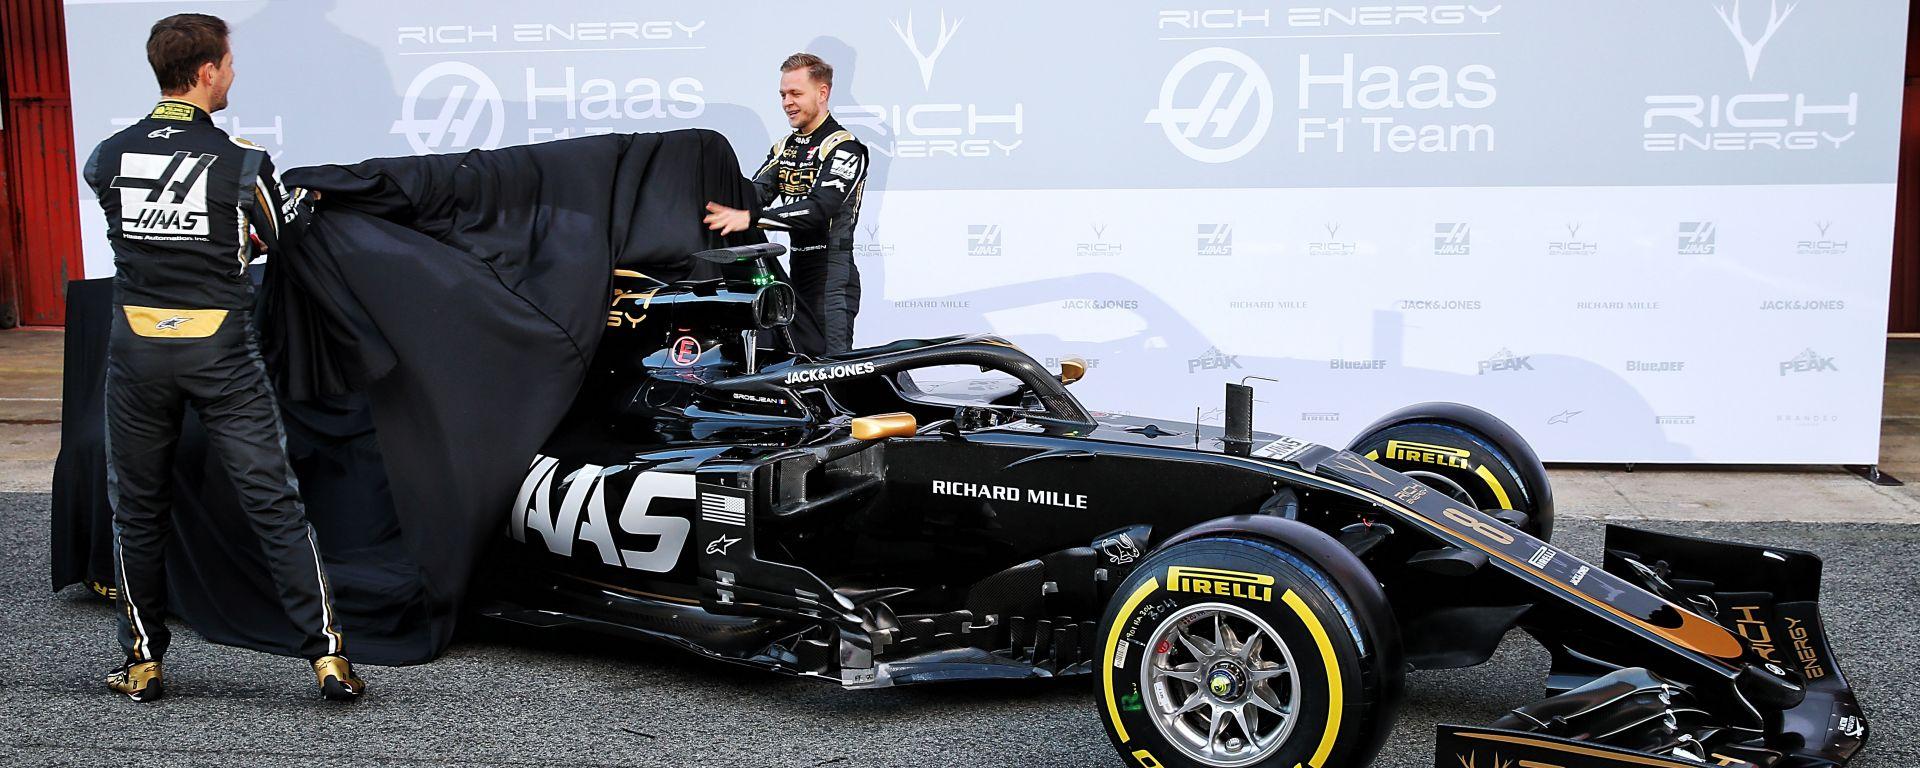 Haas come Alfa Romeo: nuova monoposto svelata a Barcellona